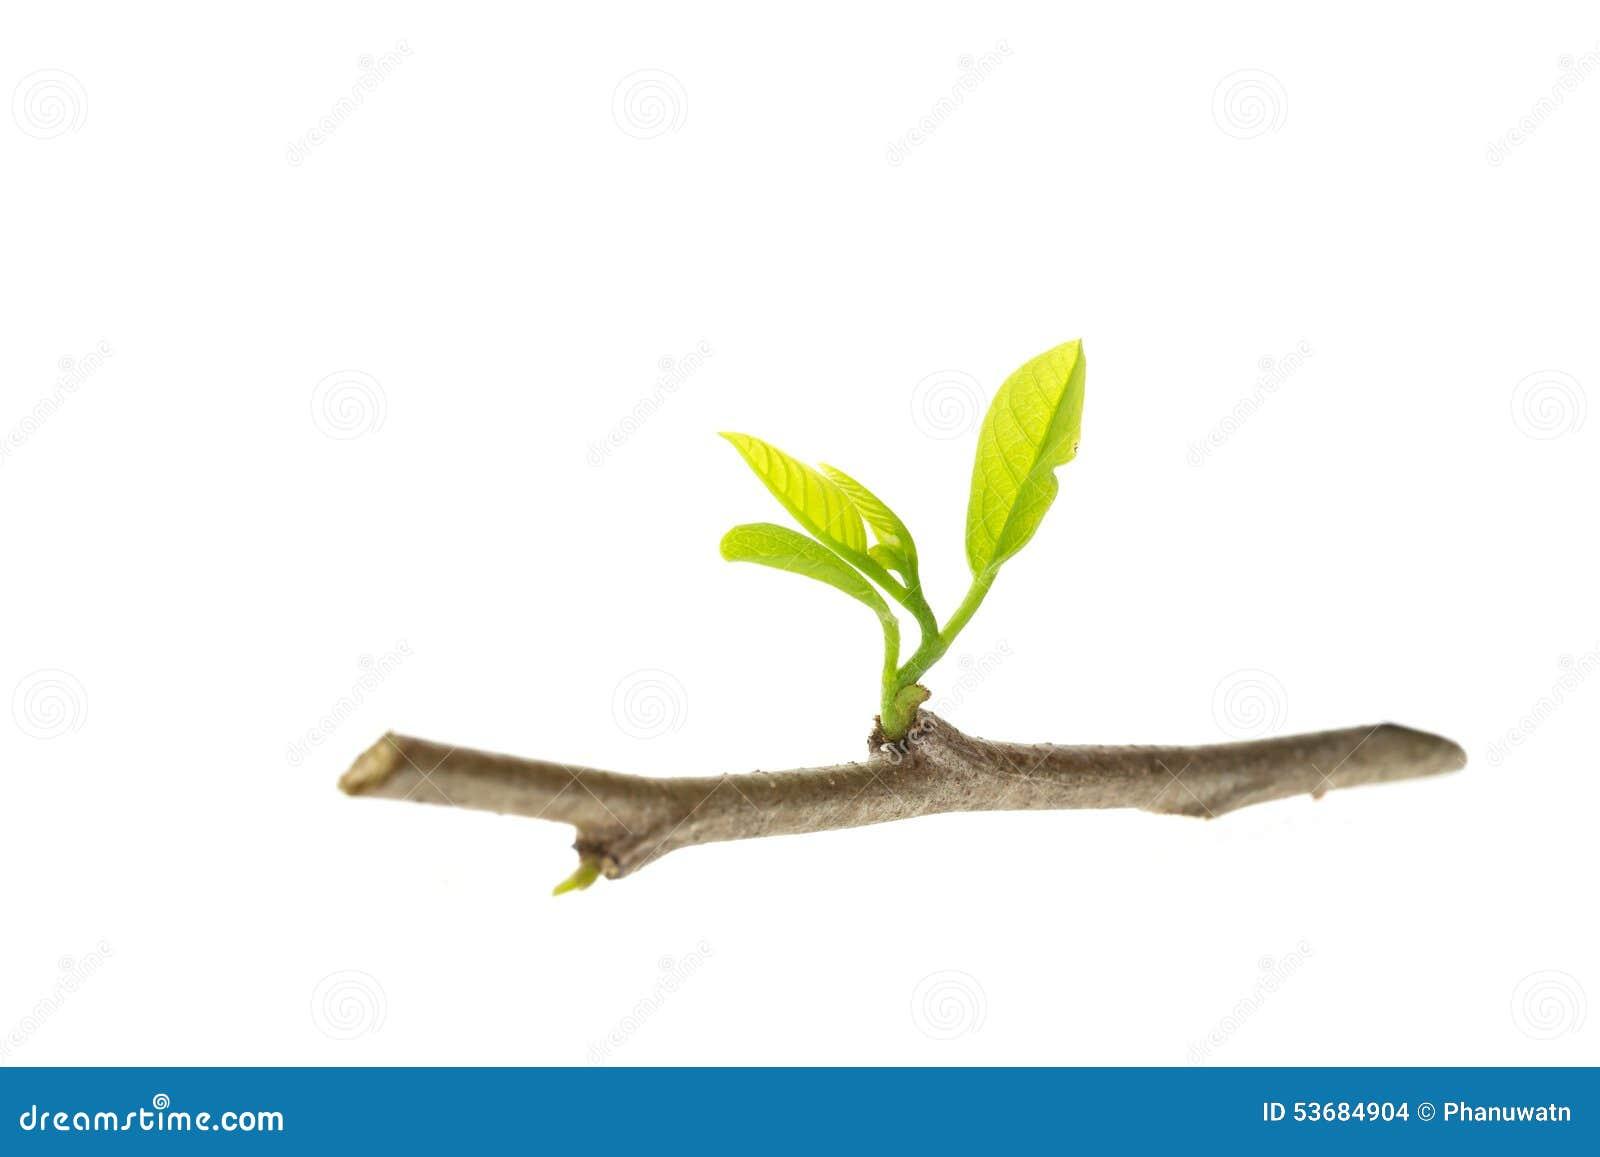 关闭与在白色背景隔绝的绿色叶子的年轻树枝.图片